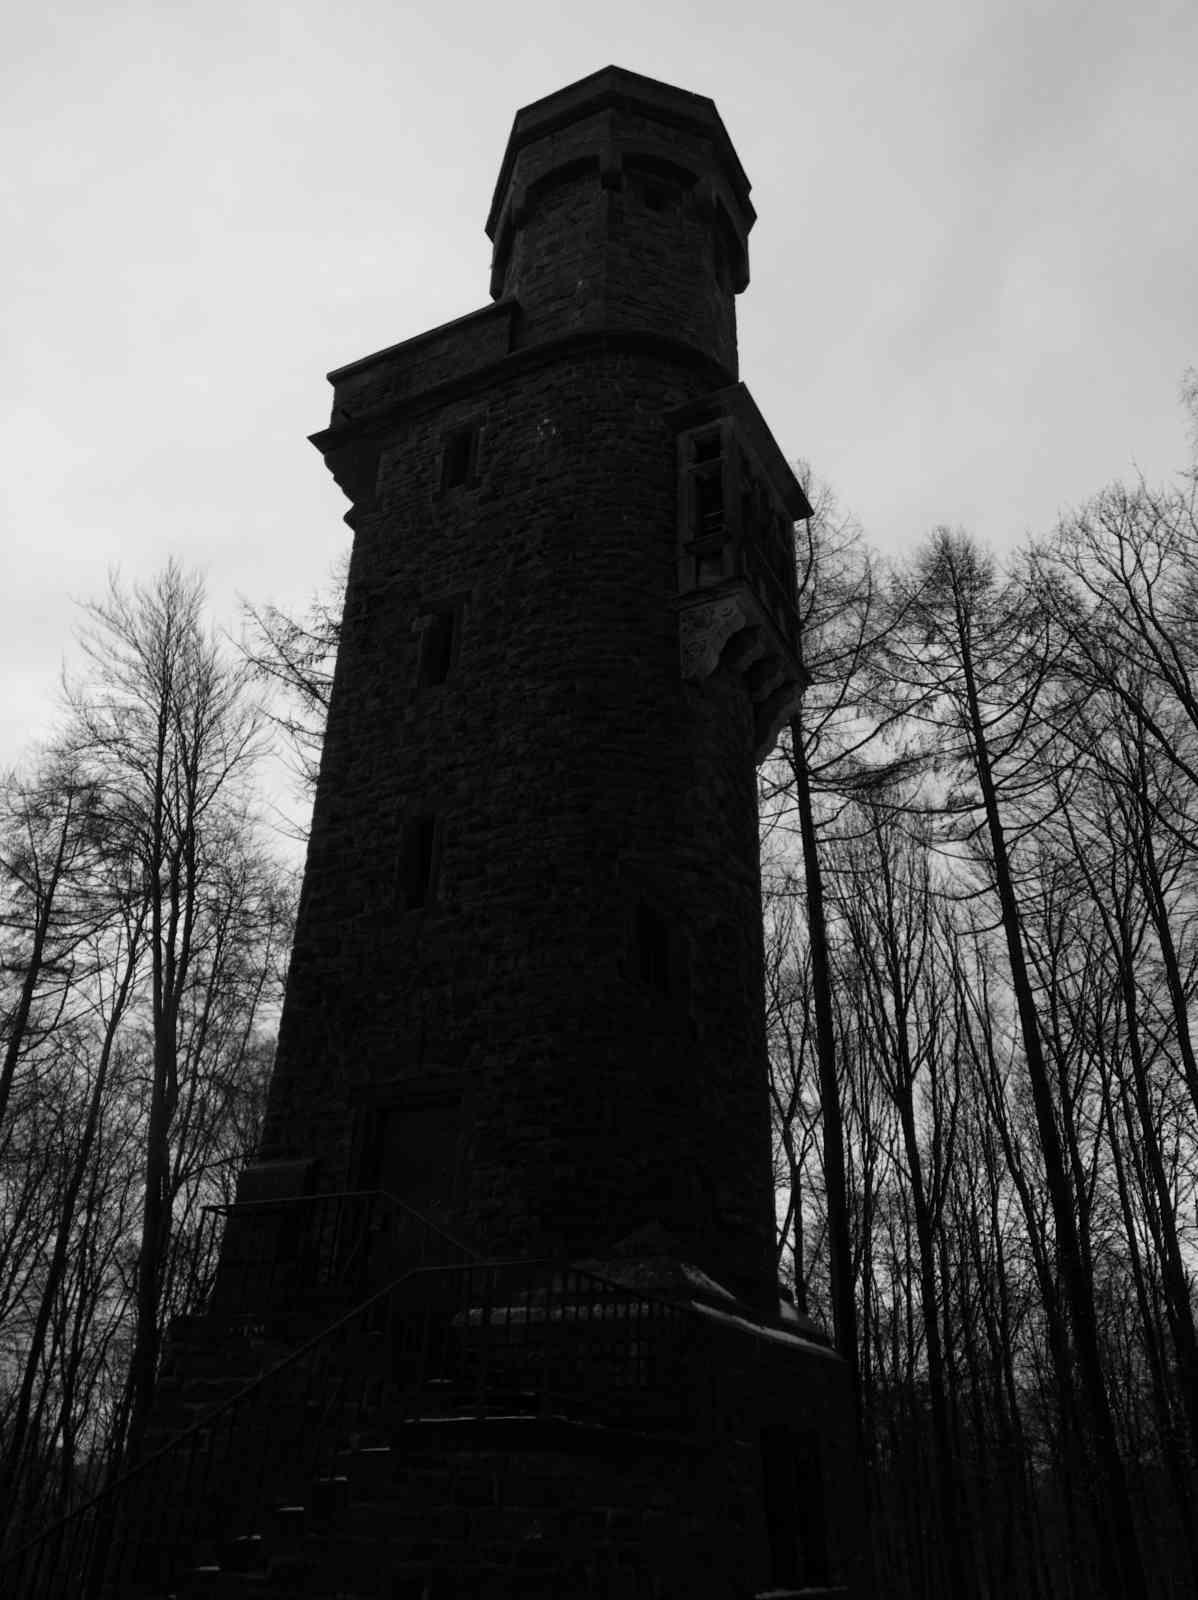 Von-der-Heydt-Turm 4